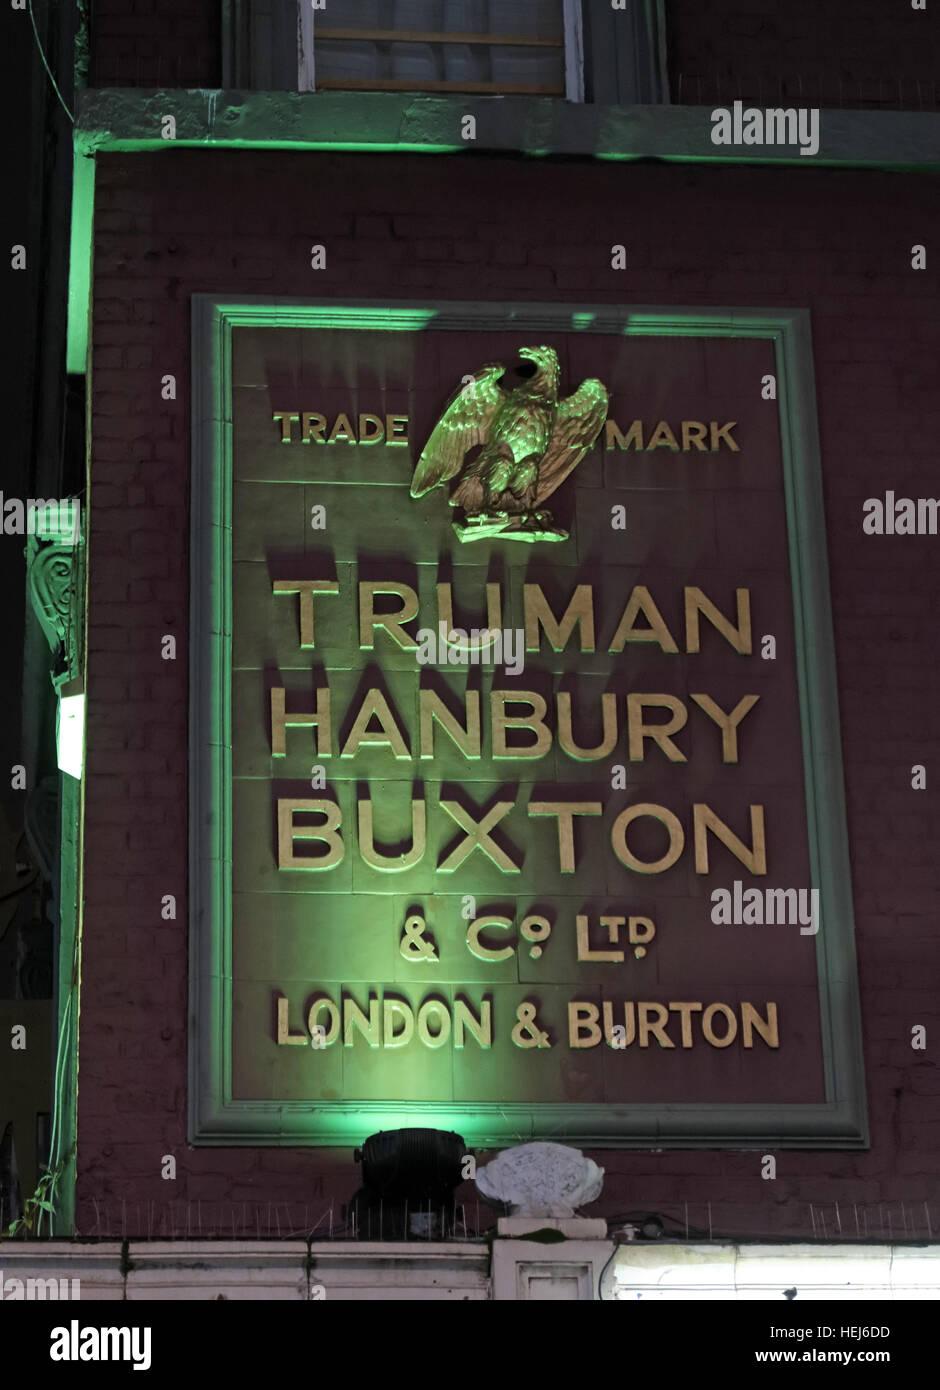 Laden Sie dieses Alamy Stockfoto Camden Stadt bei Nacht, Nord-London, England, UK - Truman Hanbury Buxton Zeichen Burton Ales - HEJ6DD